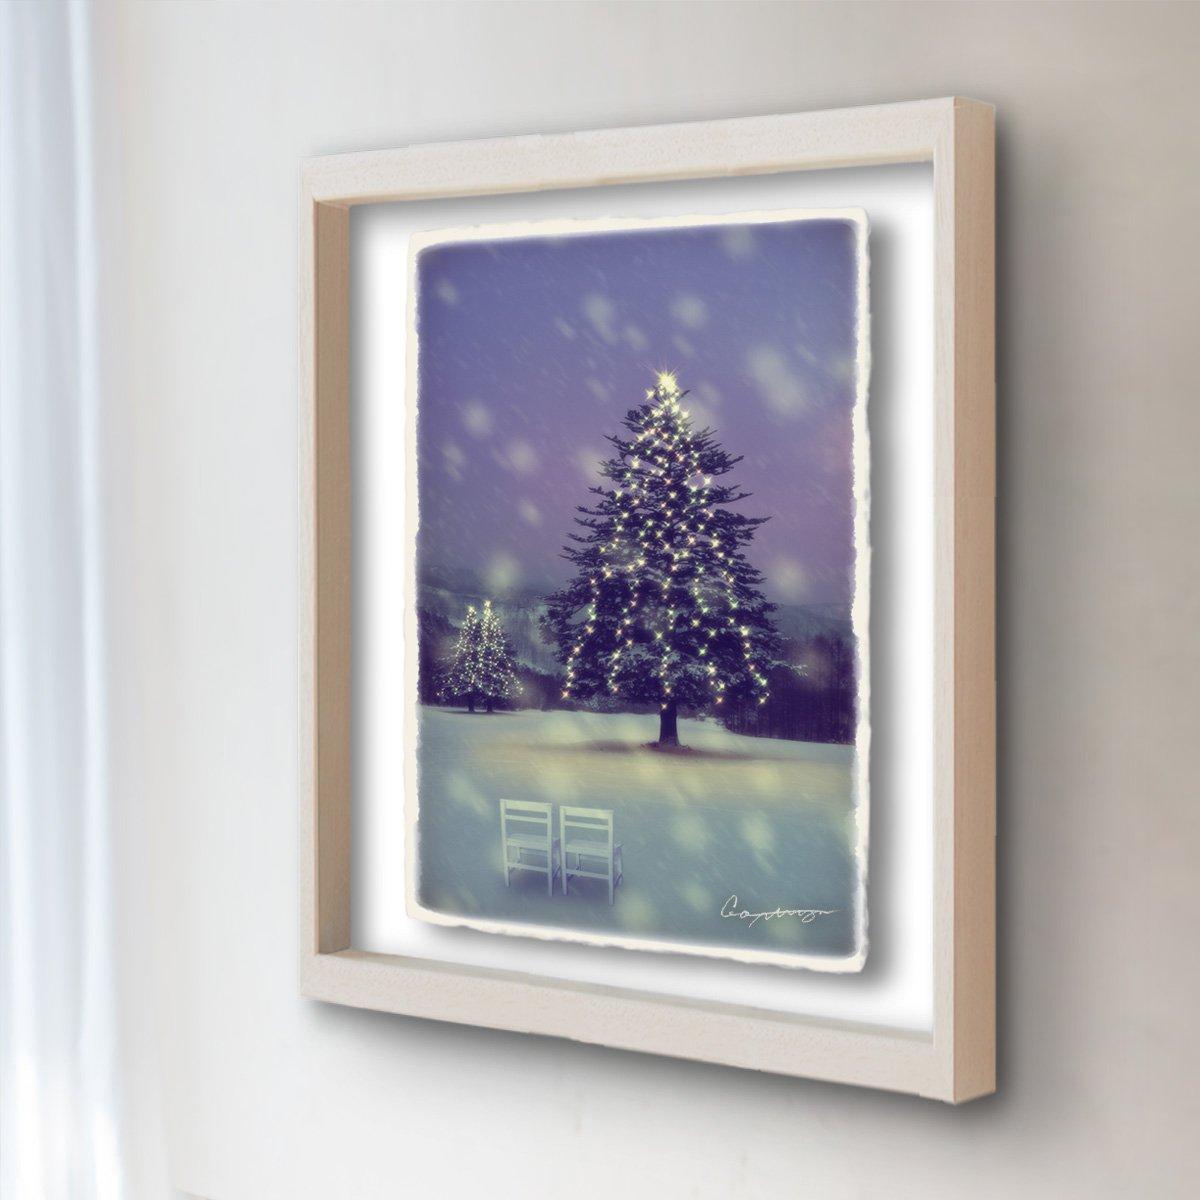 和紙 アートフレーム 「雪原のイルミネーションのモミの木と白い椅子」 (52x42cm) 絵 絵画 壁掛け 壁飾り 額縁 インテリア アート B077Q783KH 24.アートフレーム(長辺52cm) 55000円|雪原のイルミネーションのモミの木と白い椅子 雪原のイルミネーションのモミの木と白い椅子 24.アートフレーム(長辺52cm) 55000円